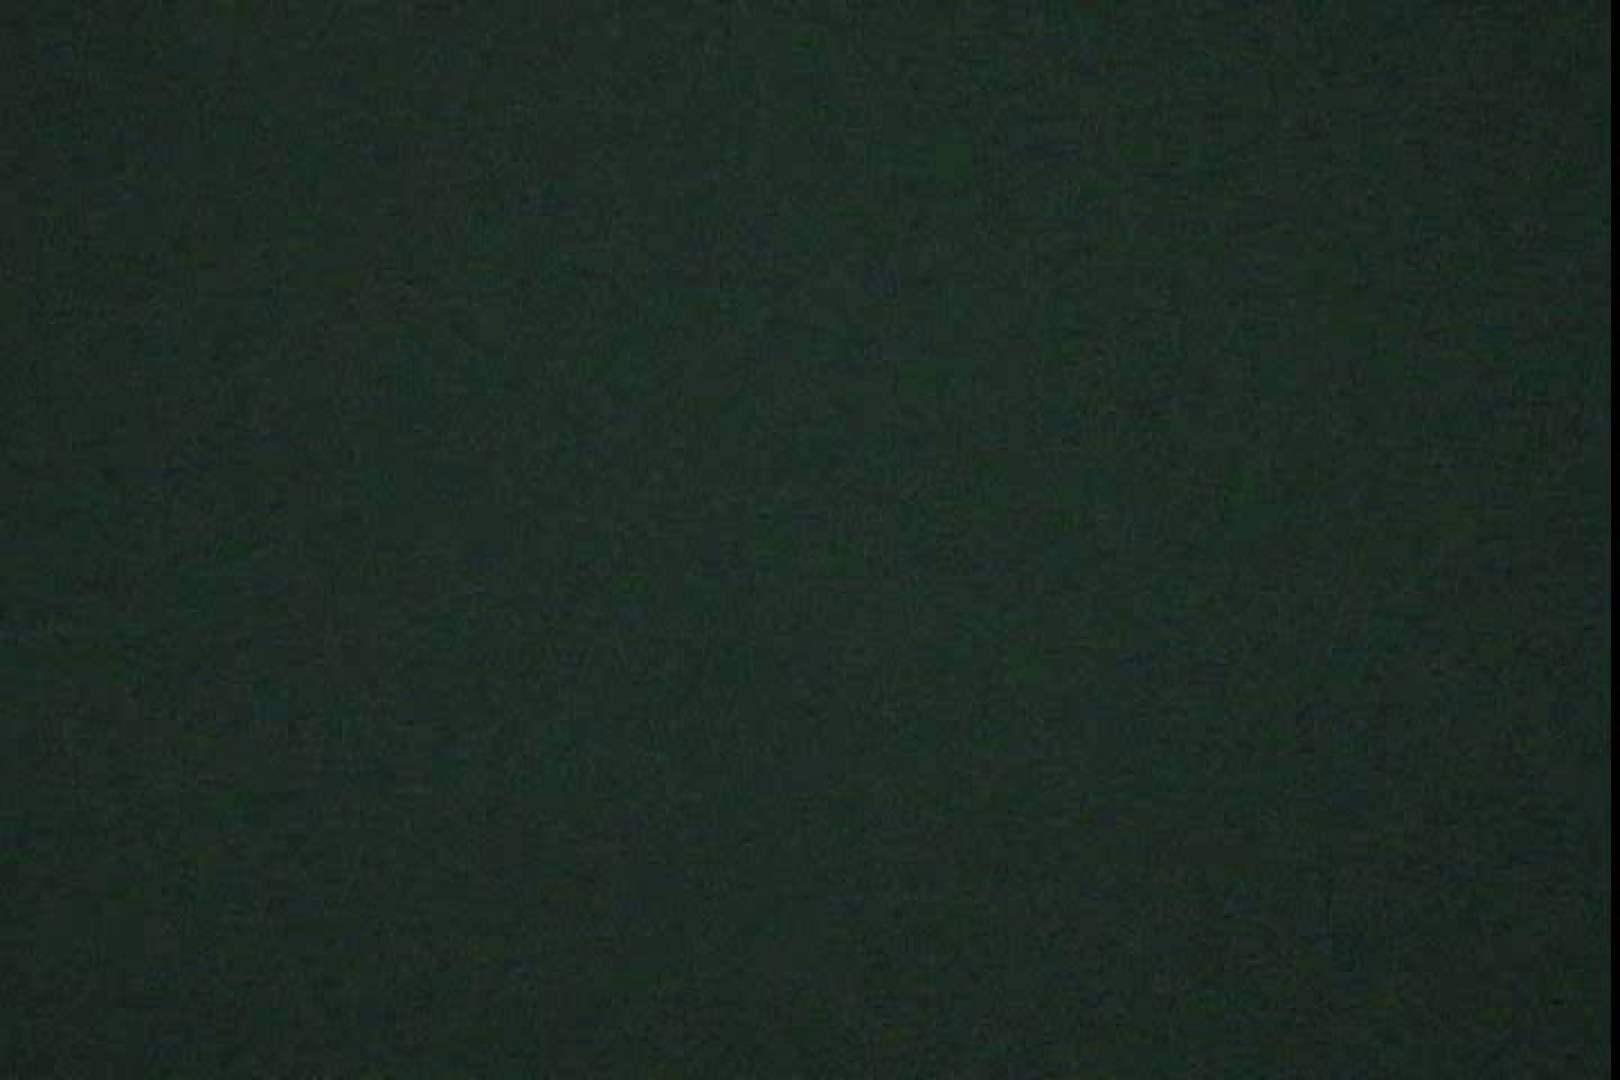 赤外線ムレスケバレー(汗) vol.07 綺麗なOLたち スケベ動画紹介 81枚 2